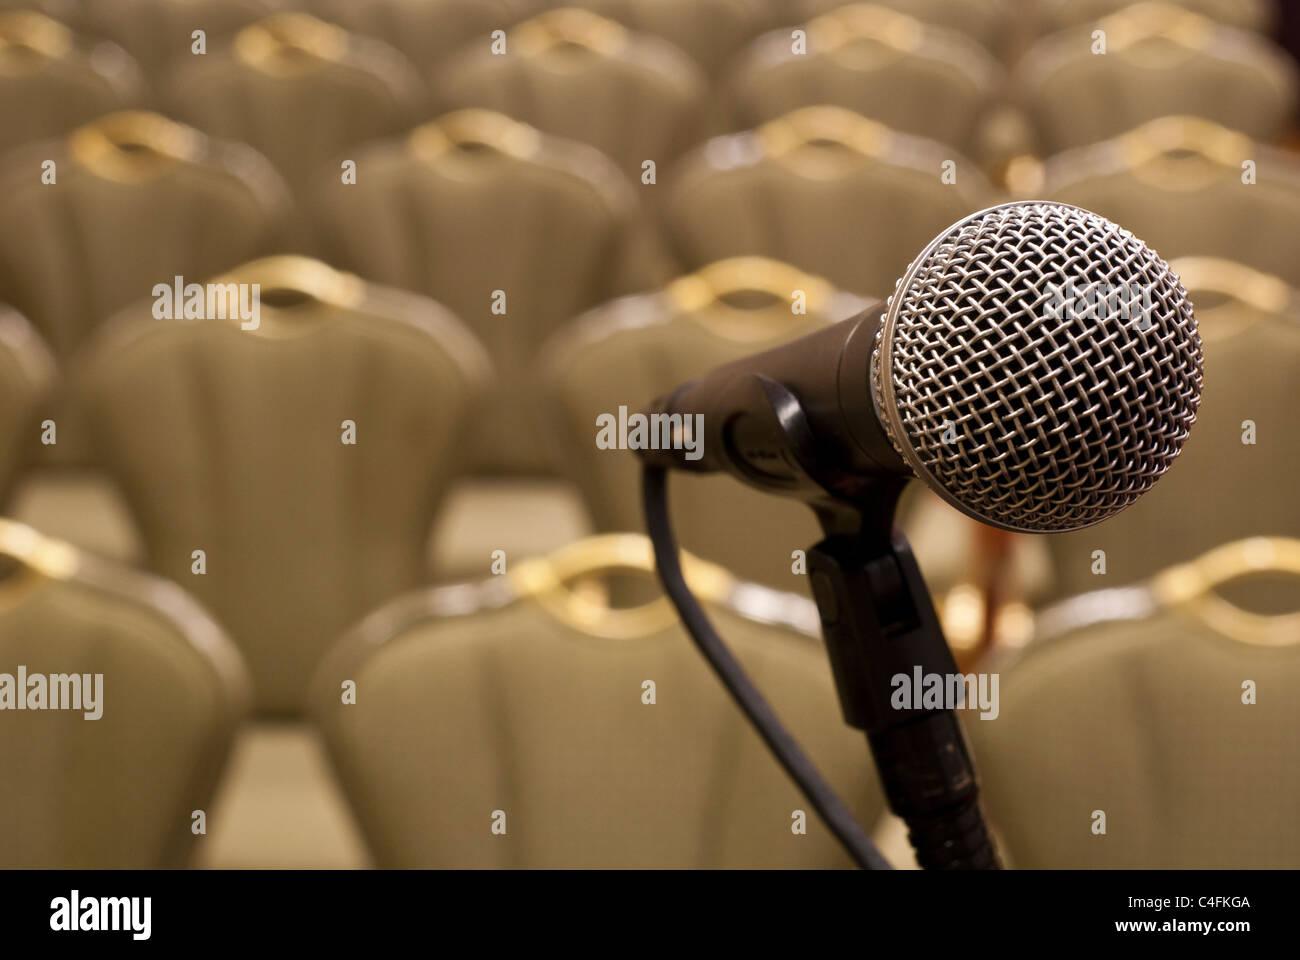 Microphone devant plusieurs rangées de chaises vides avec une faible profondeur de champ Photo Stock